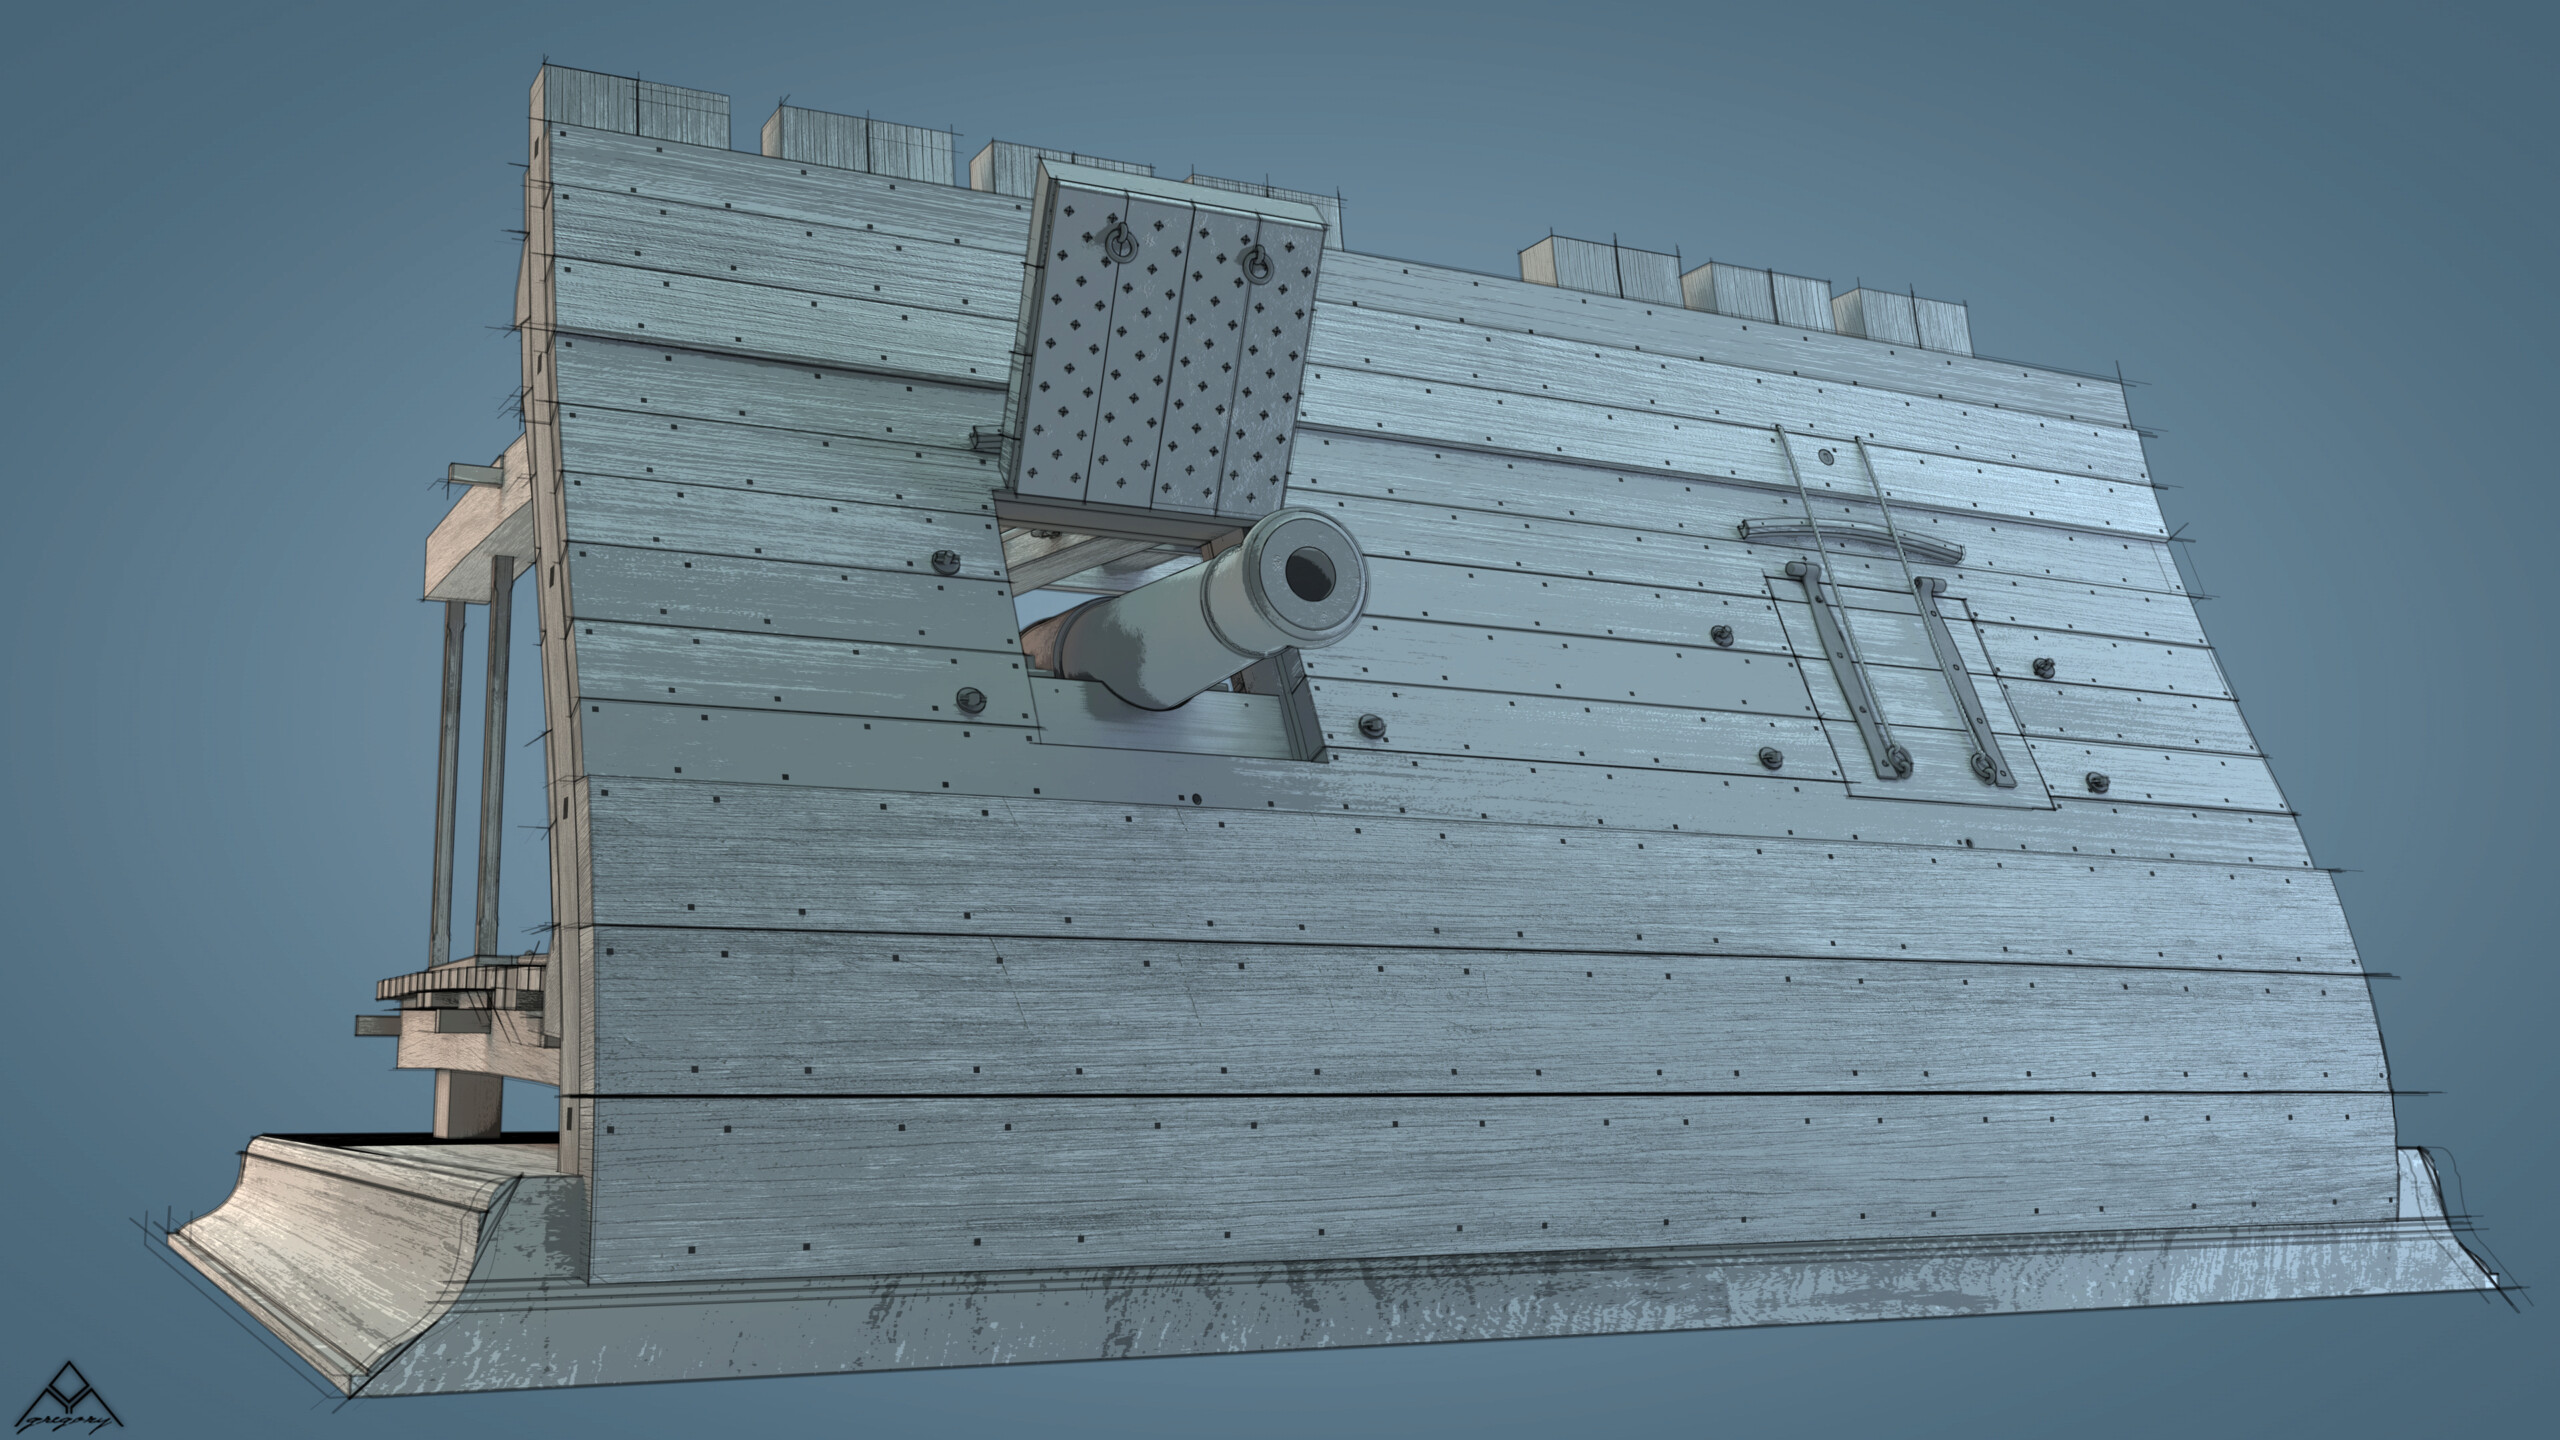 Canons pour le vaisseau de 74 canons - Page 13 Rendu124